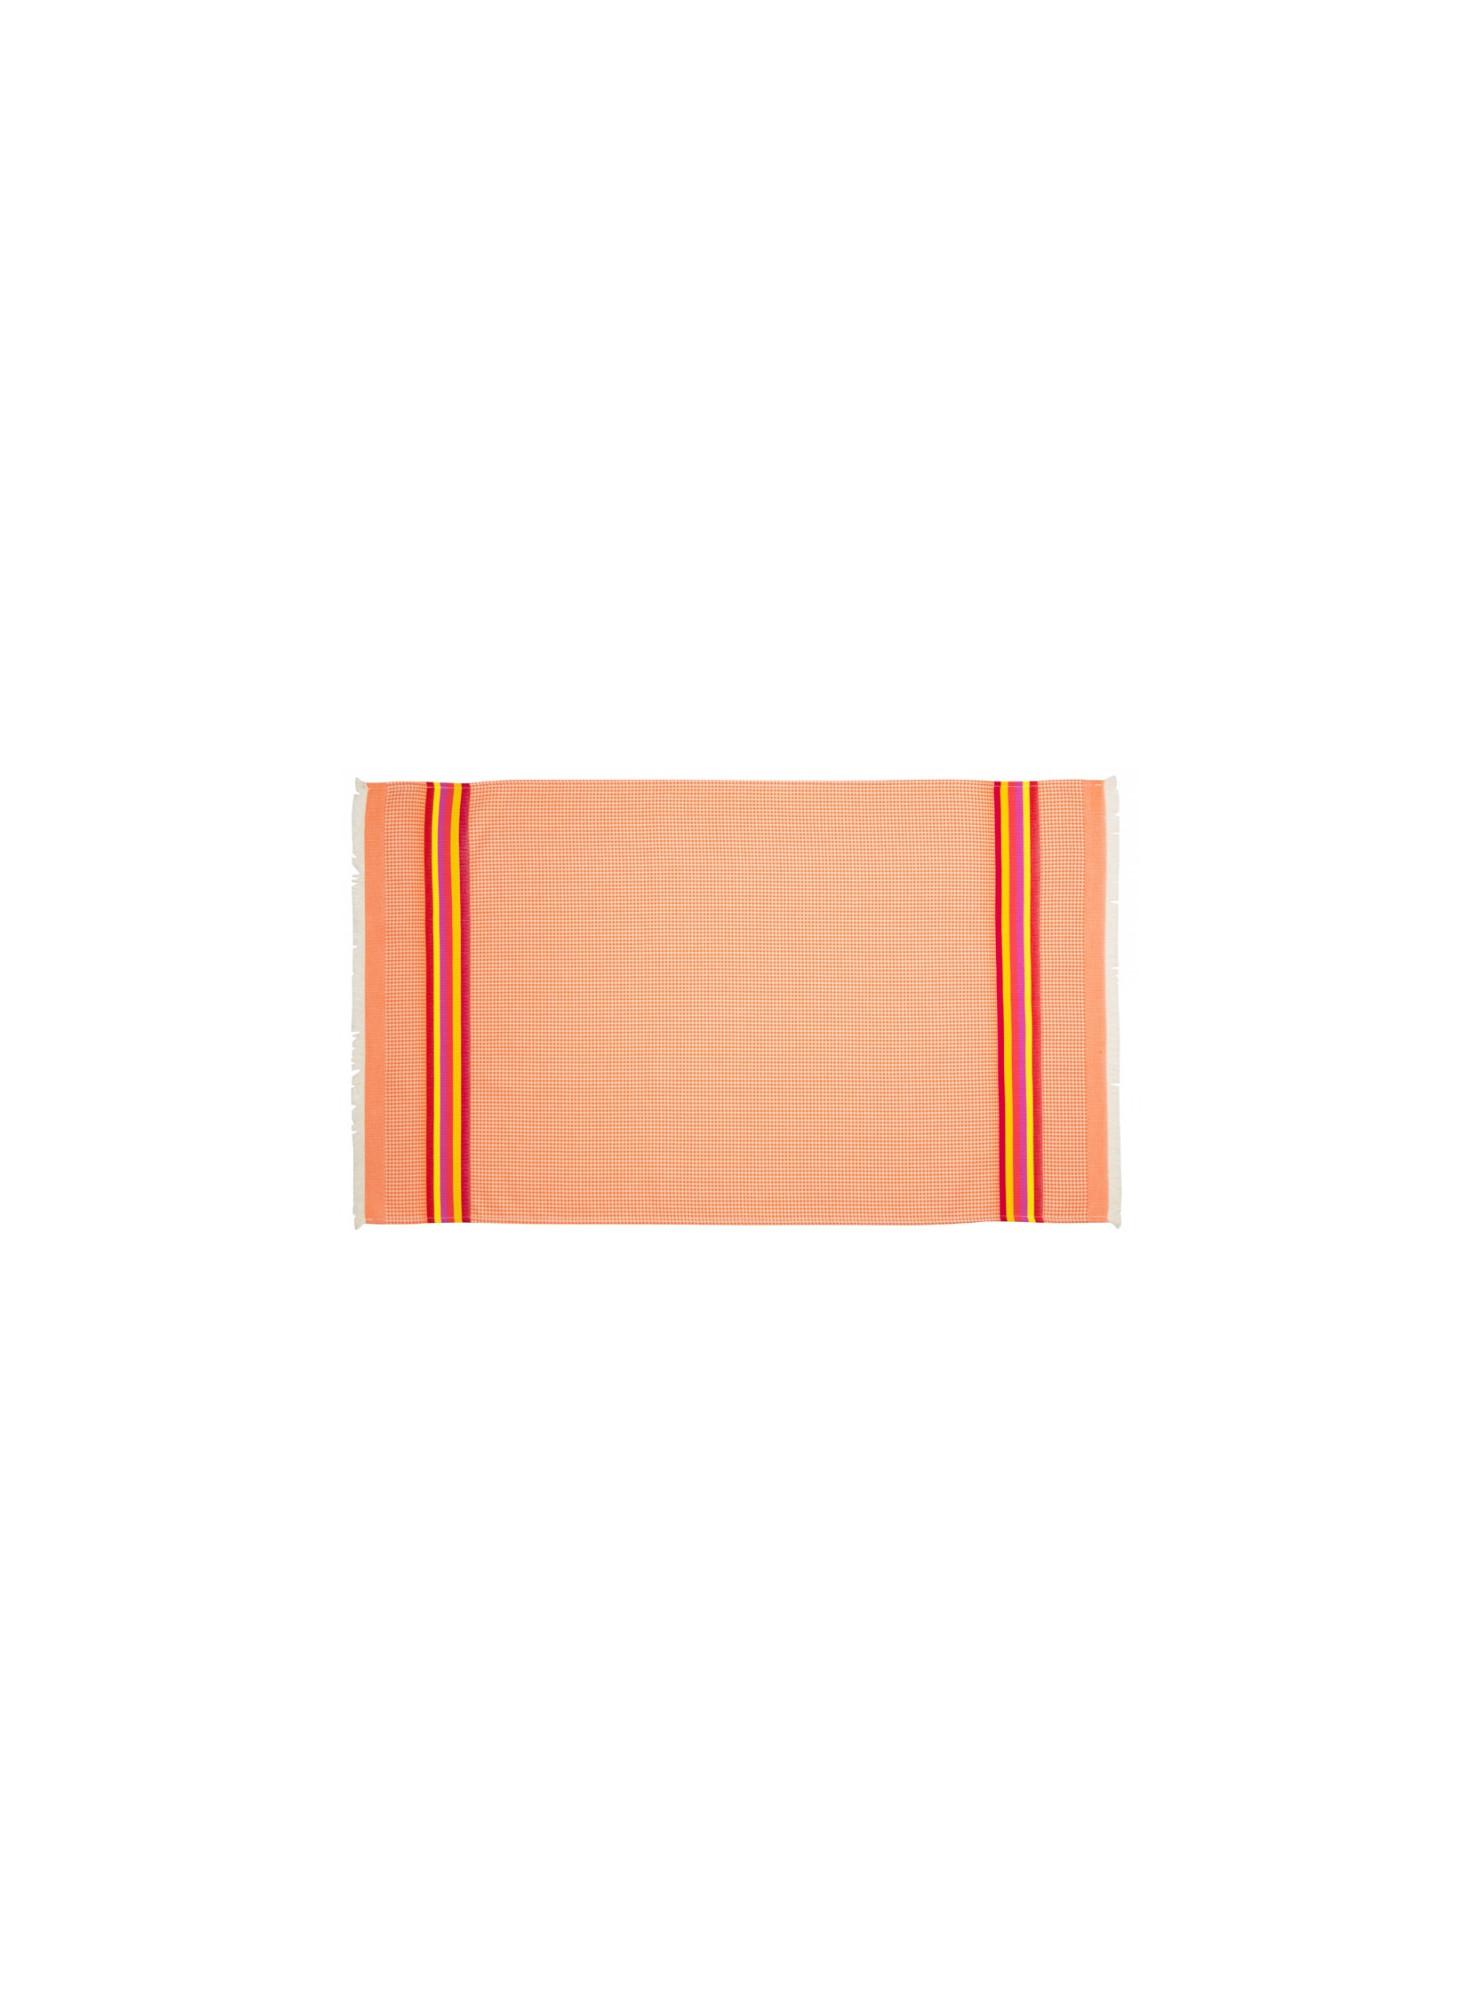 Serviette de toilette Mandarine linge de toilette nid d abeille en tissu basque